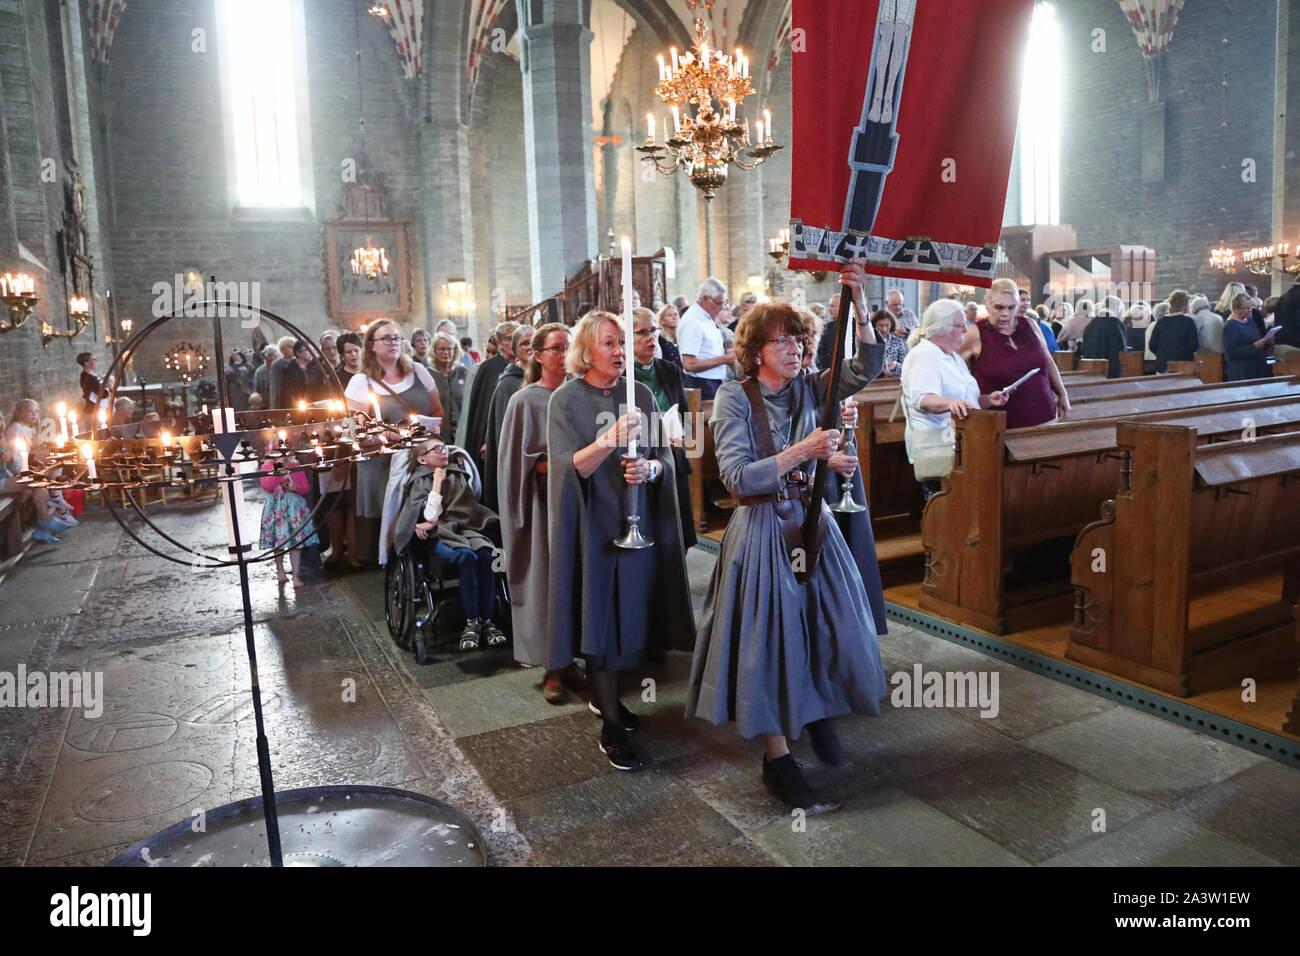 VADSTENA 20190723Societas Sanctæ Birgittæ SSB) är en sammanslutning av män och kvinnor inom Svenska kyrkan, som i vördnad för den heliga Birgitta och i likhet med henne vill tjäna den heliga, allmänneliga och apostoliska Kyrkan i Sverige. SSB håller årligen Genereralkapitel omkring den heliga Birgittas himmelska födelsedag – den 23 juli – vanligen i Vadstena. Foto Jeppe Gustafsson Stock Photo